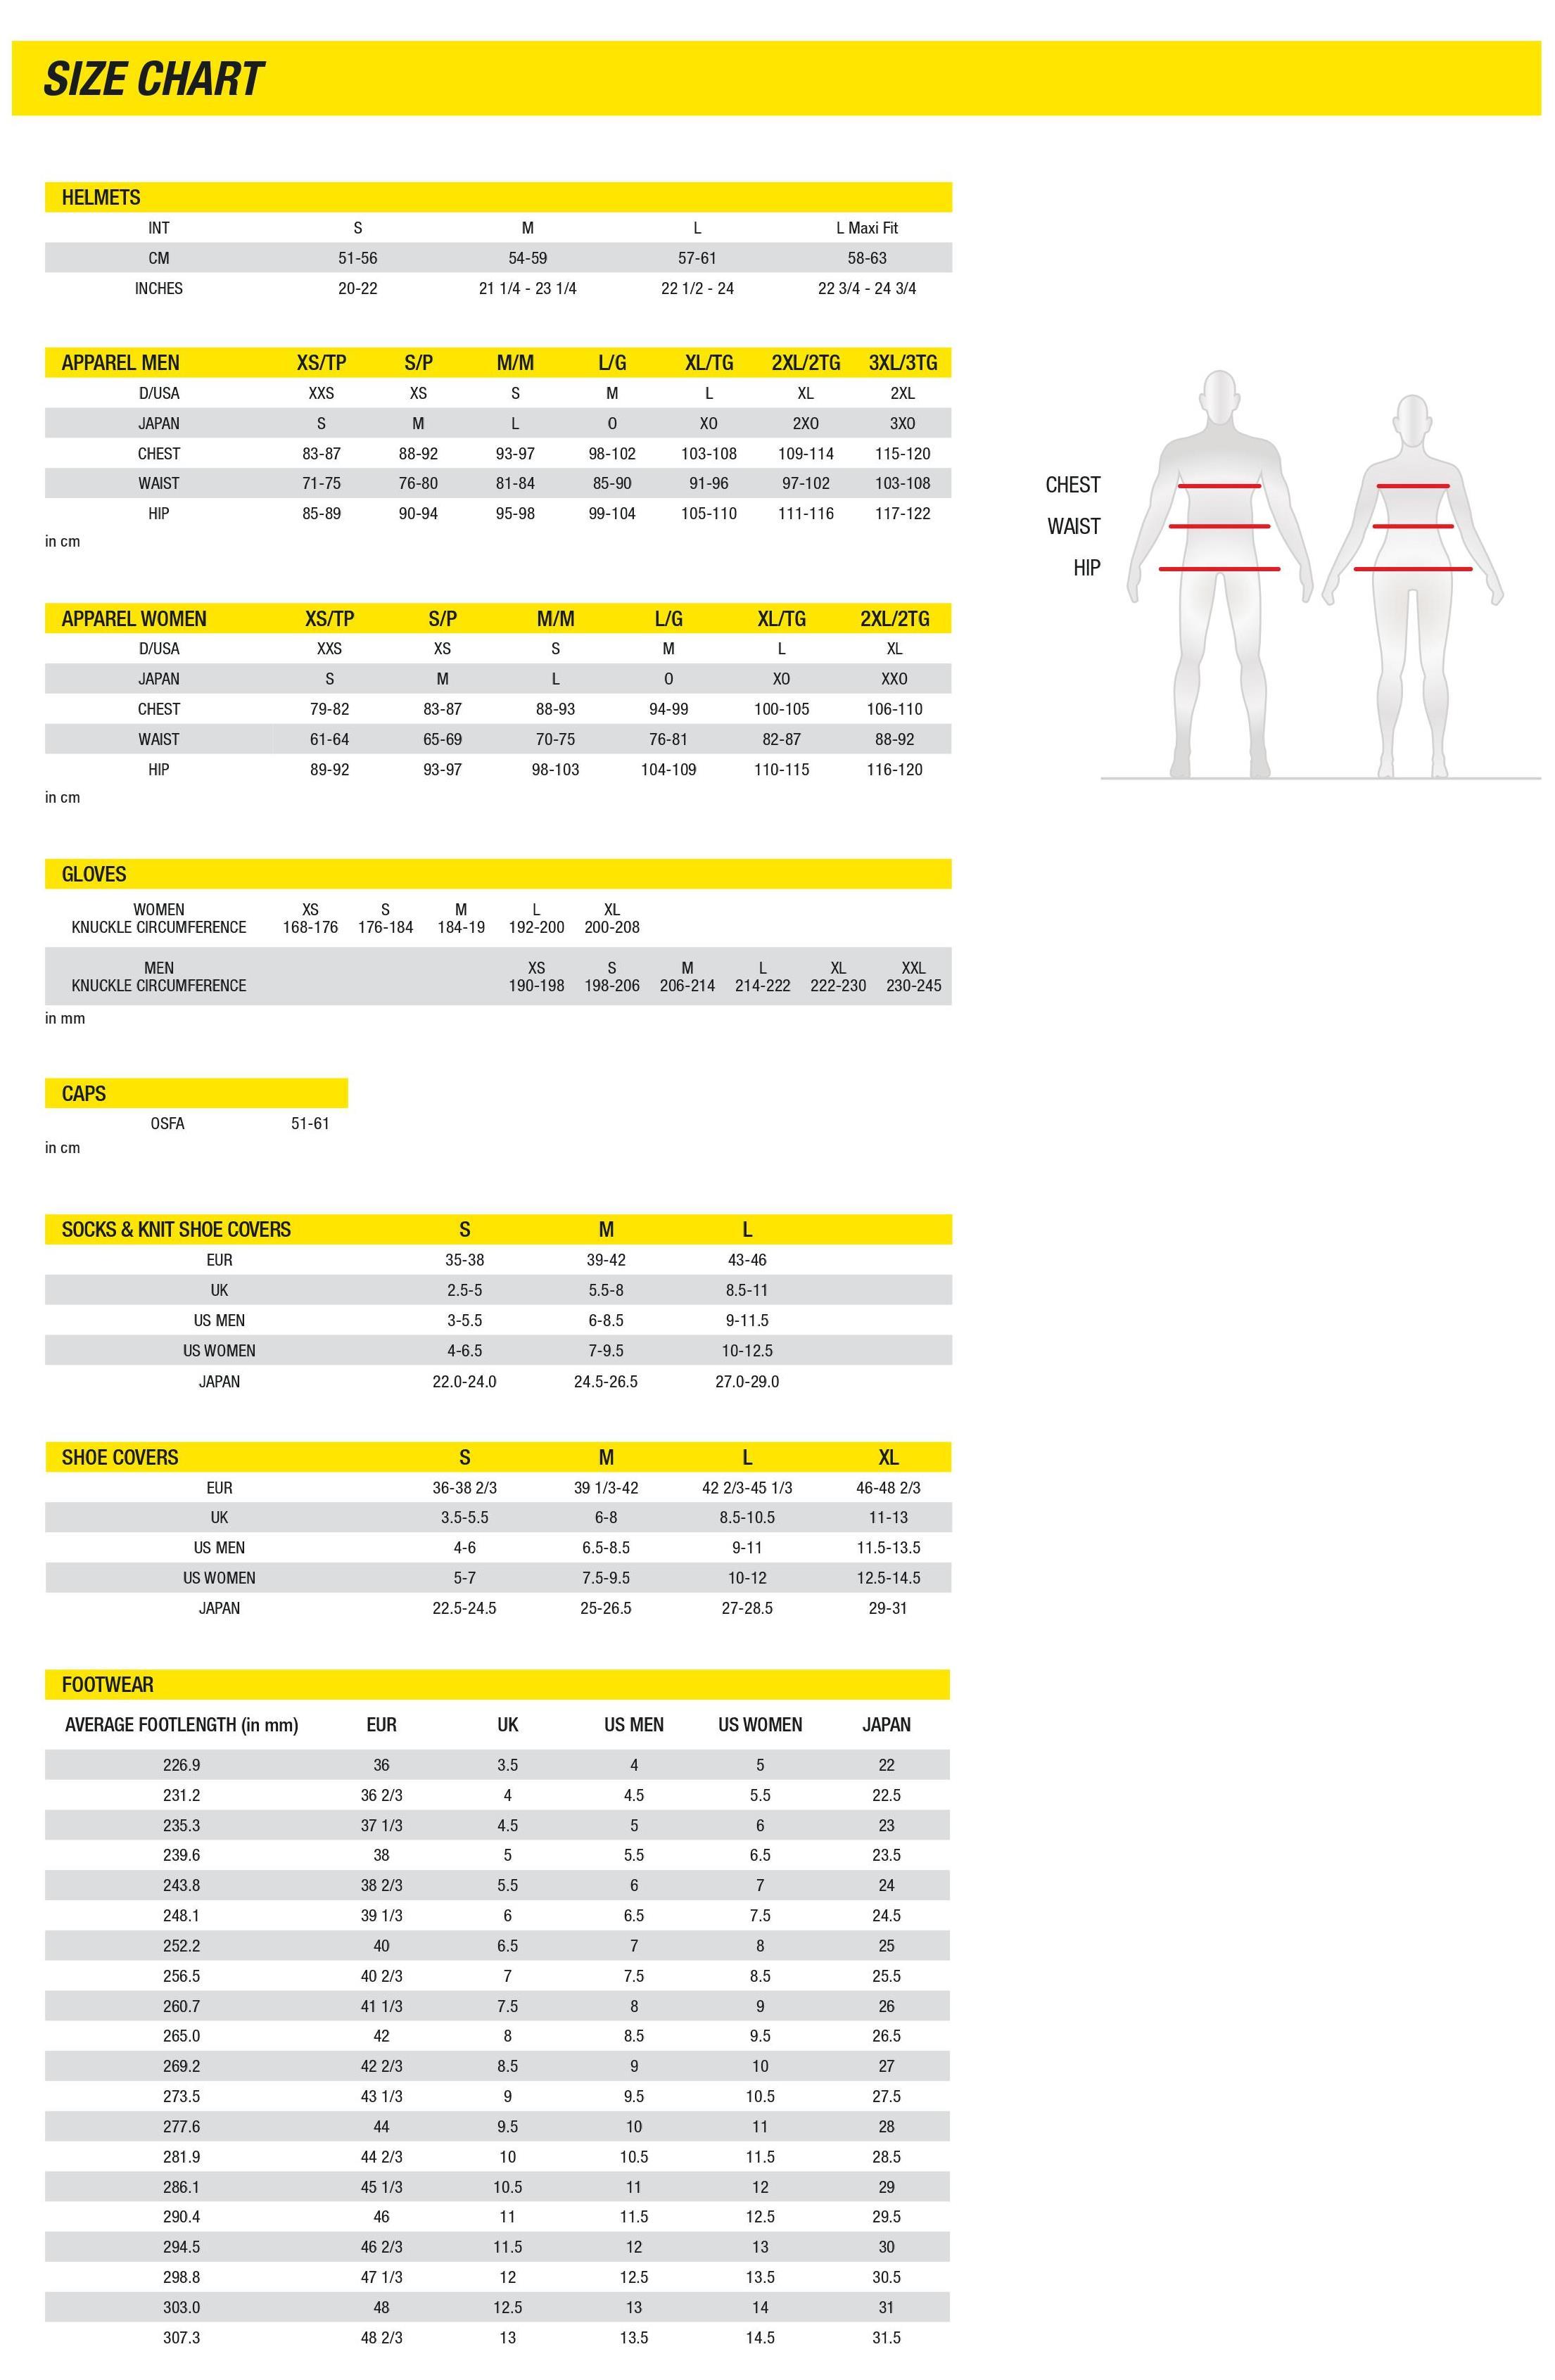 Berghaus Shoe Size Guide